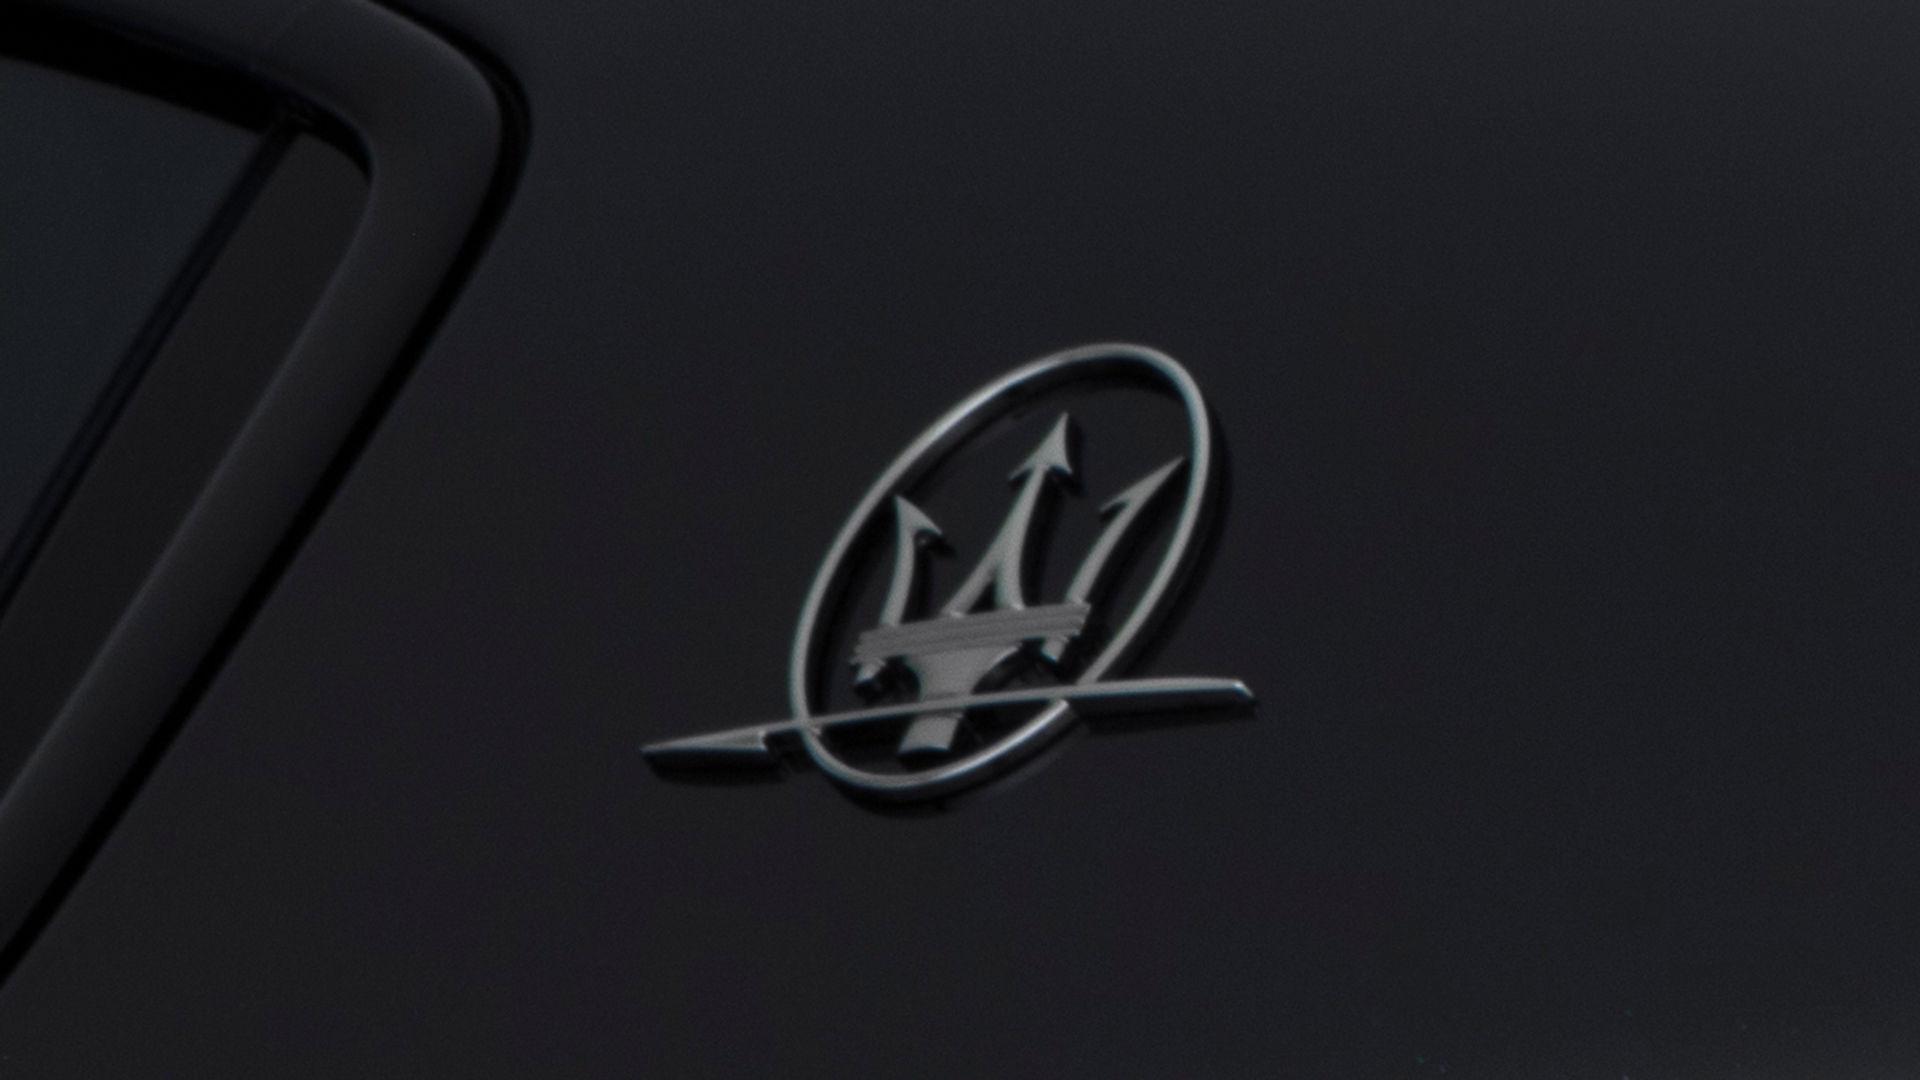 Detailansicht Maserati Dreizack Logo - Ghibli Geschichte